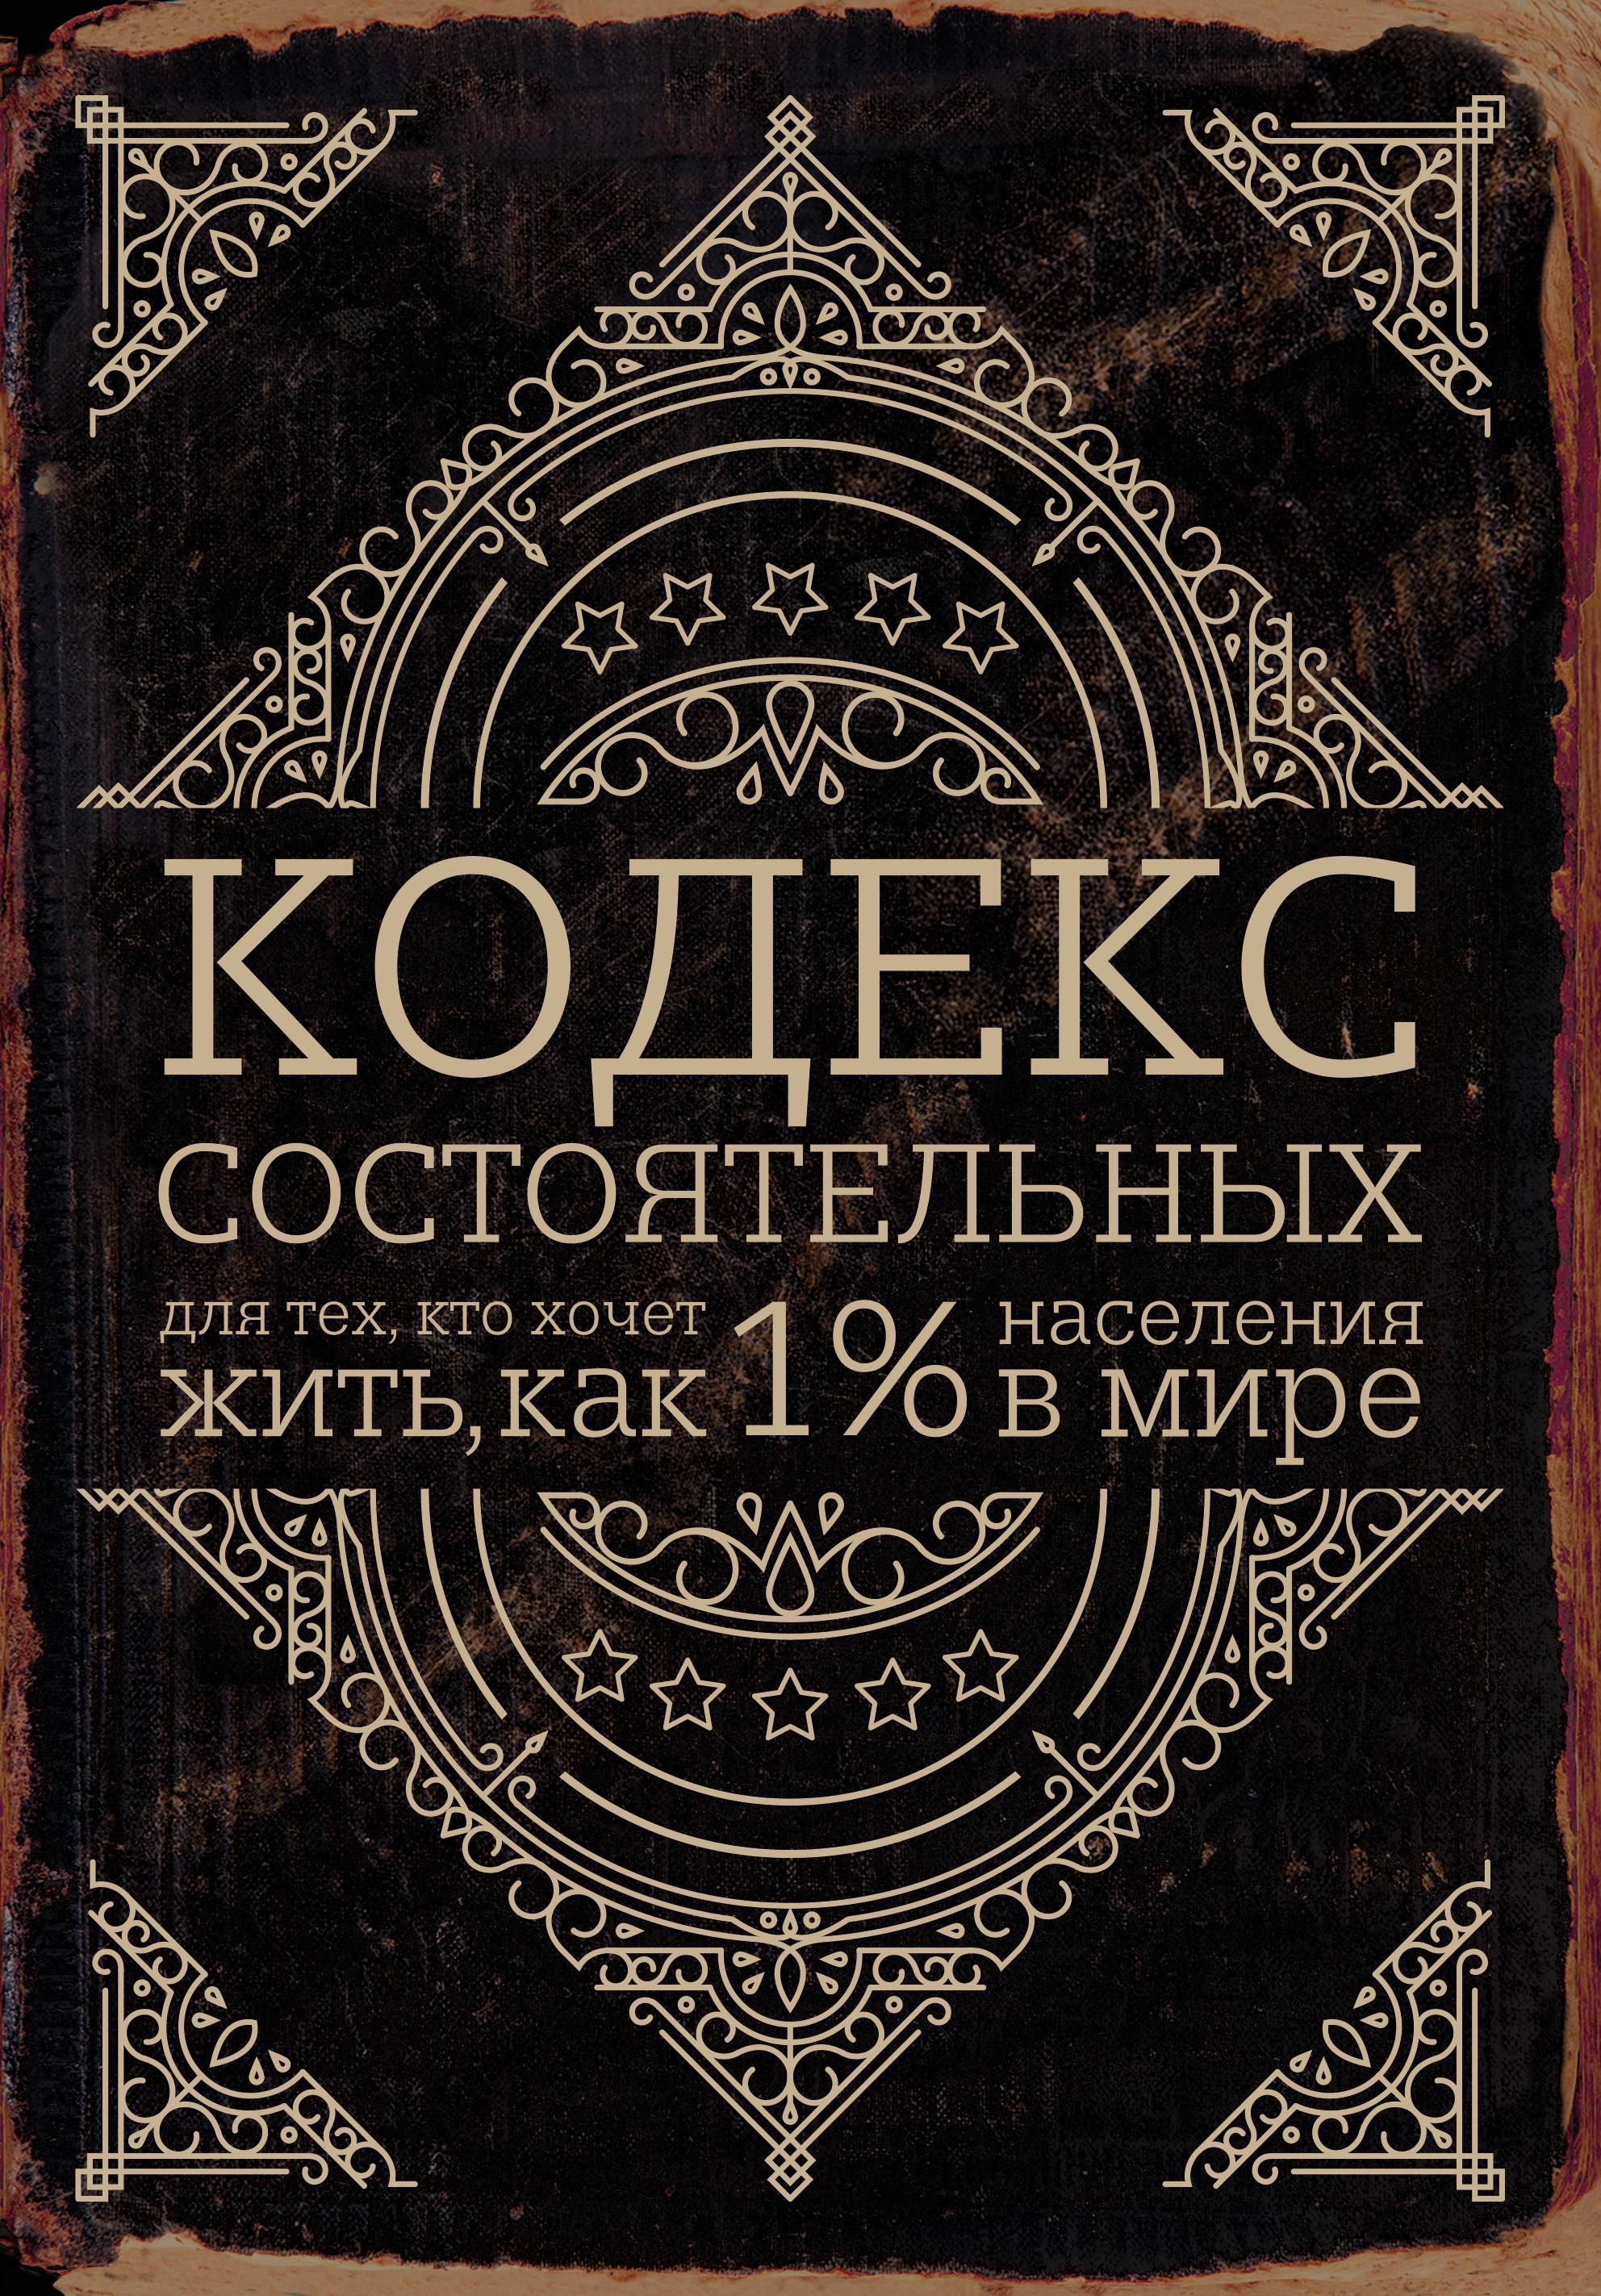 Кодекс состоятельных. Для тех, кто хочет жить, как 1% населения в мире